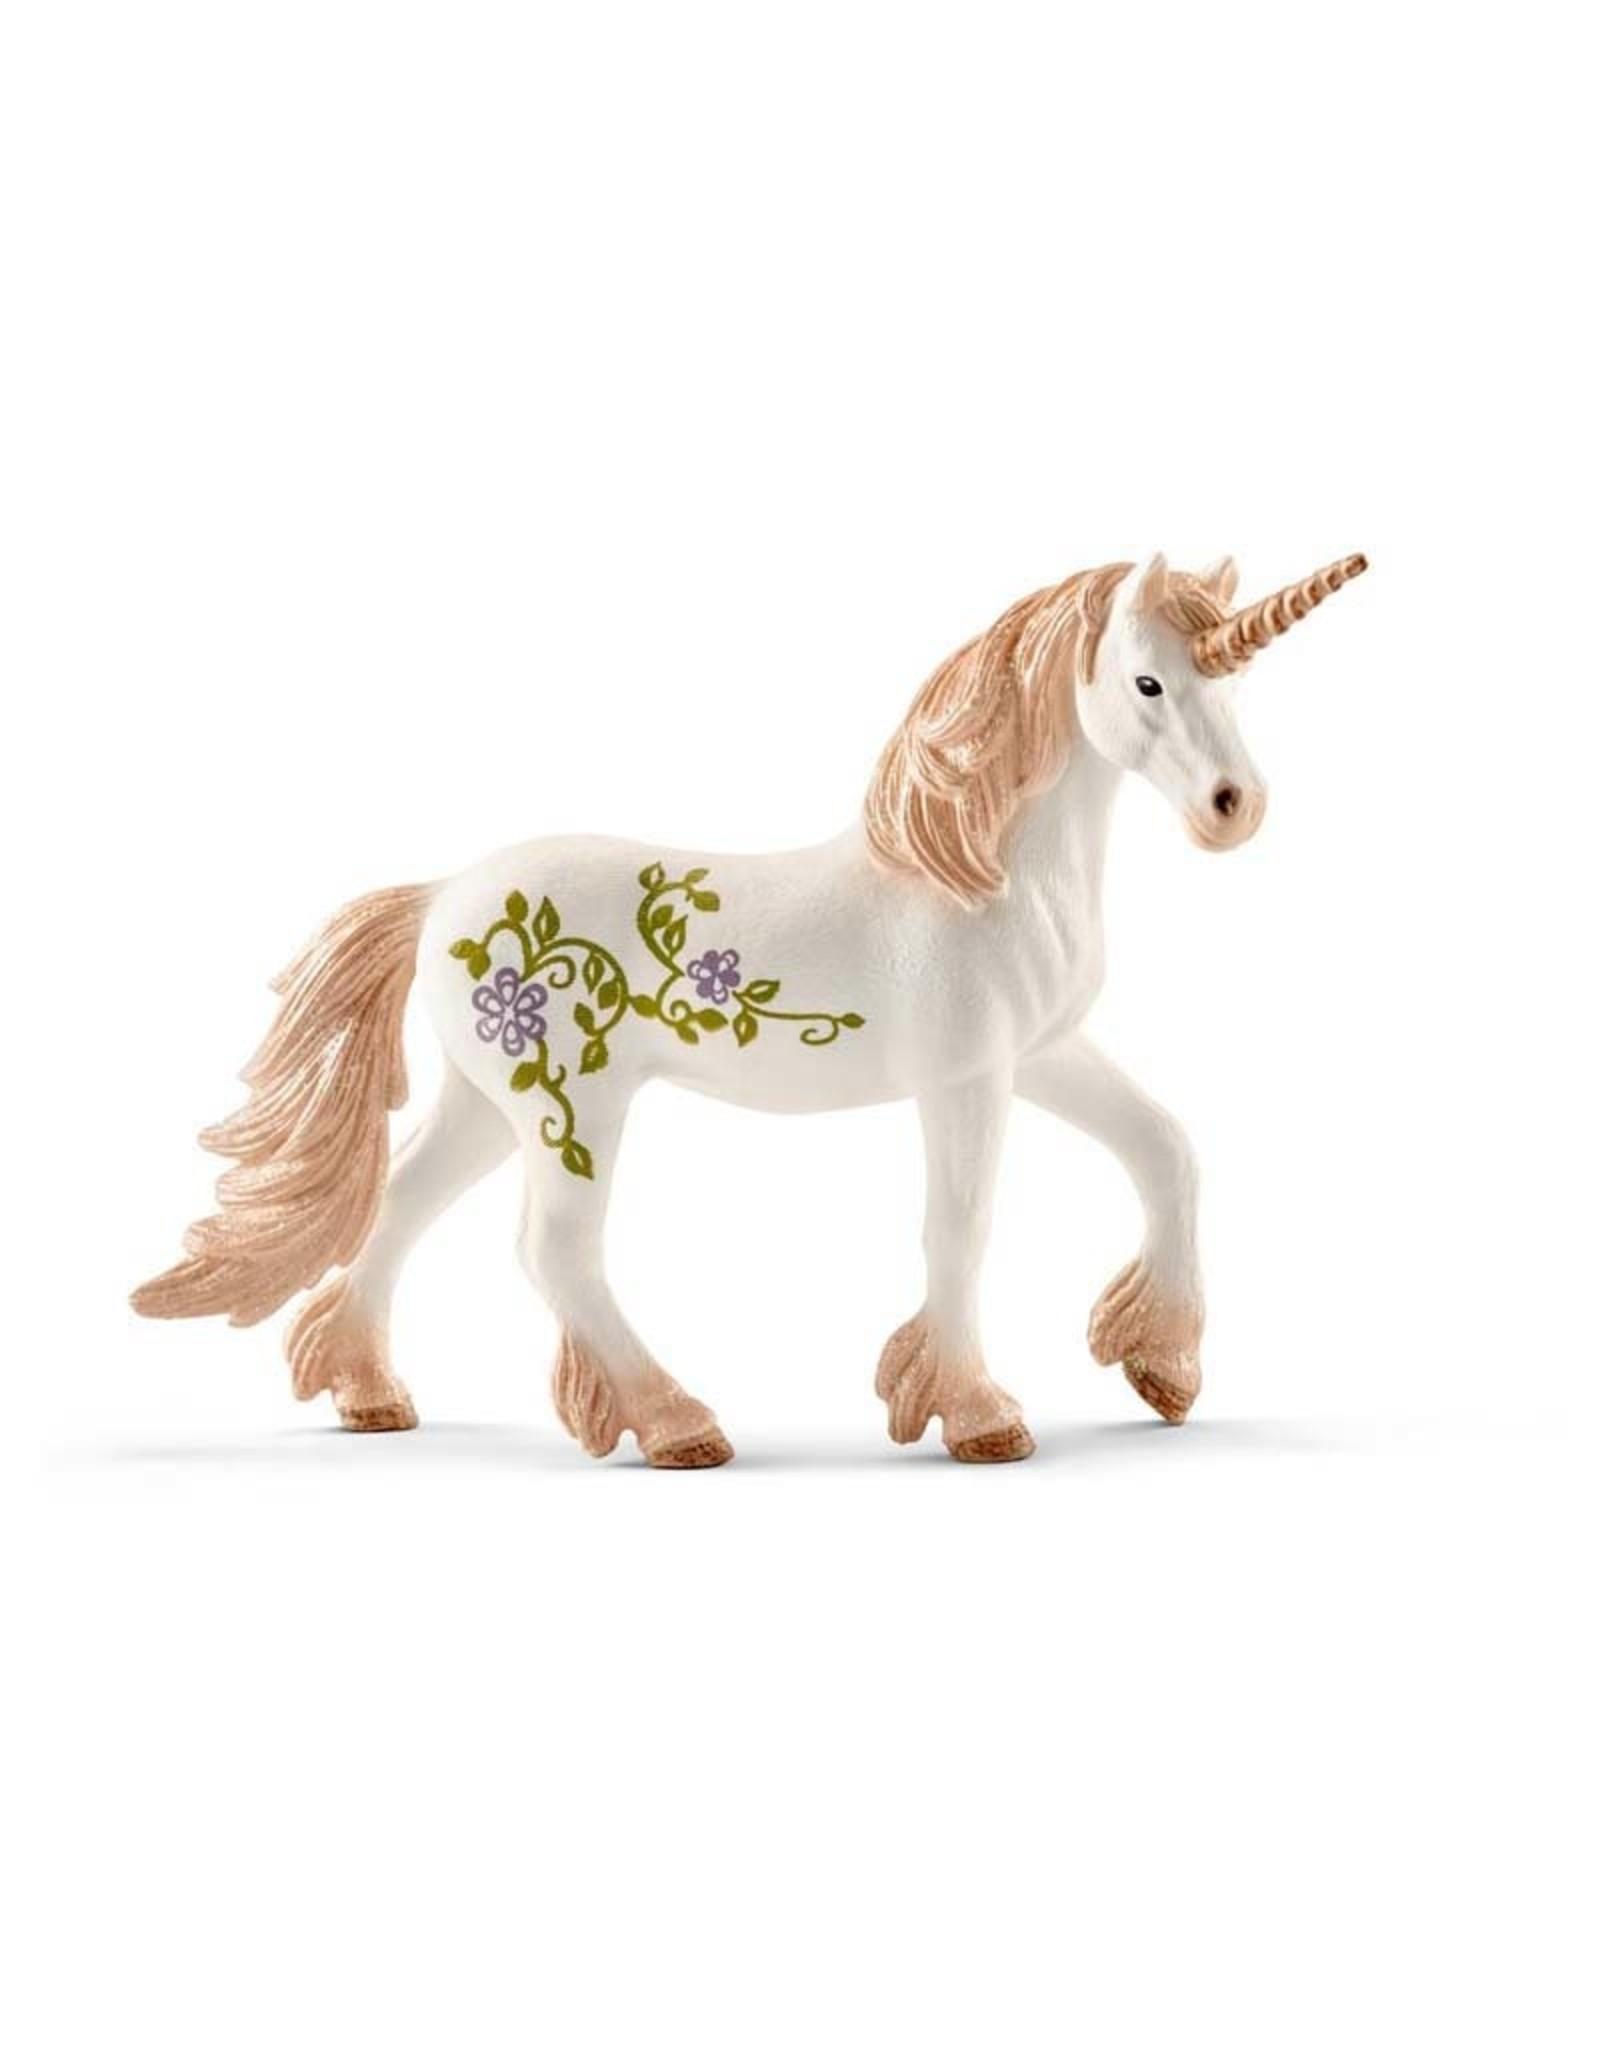 Schleich Schleich Unicorn, standing